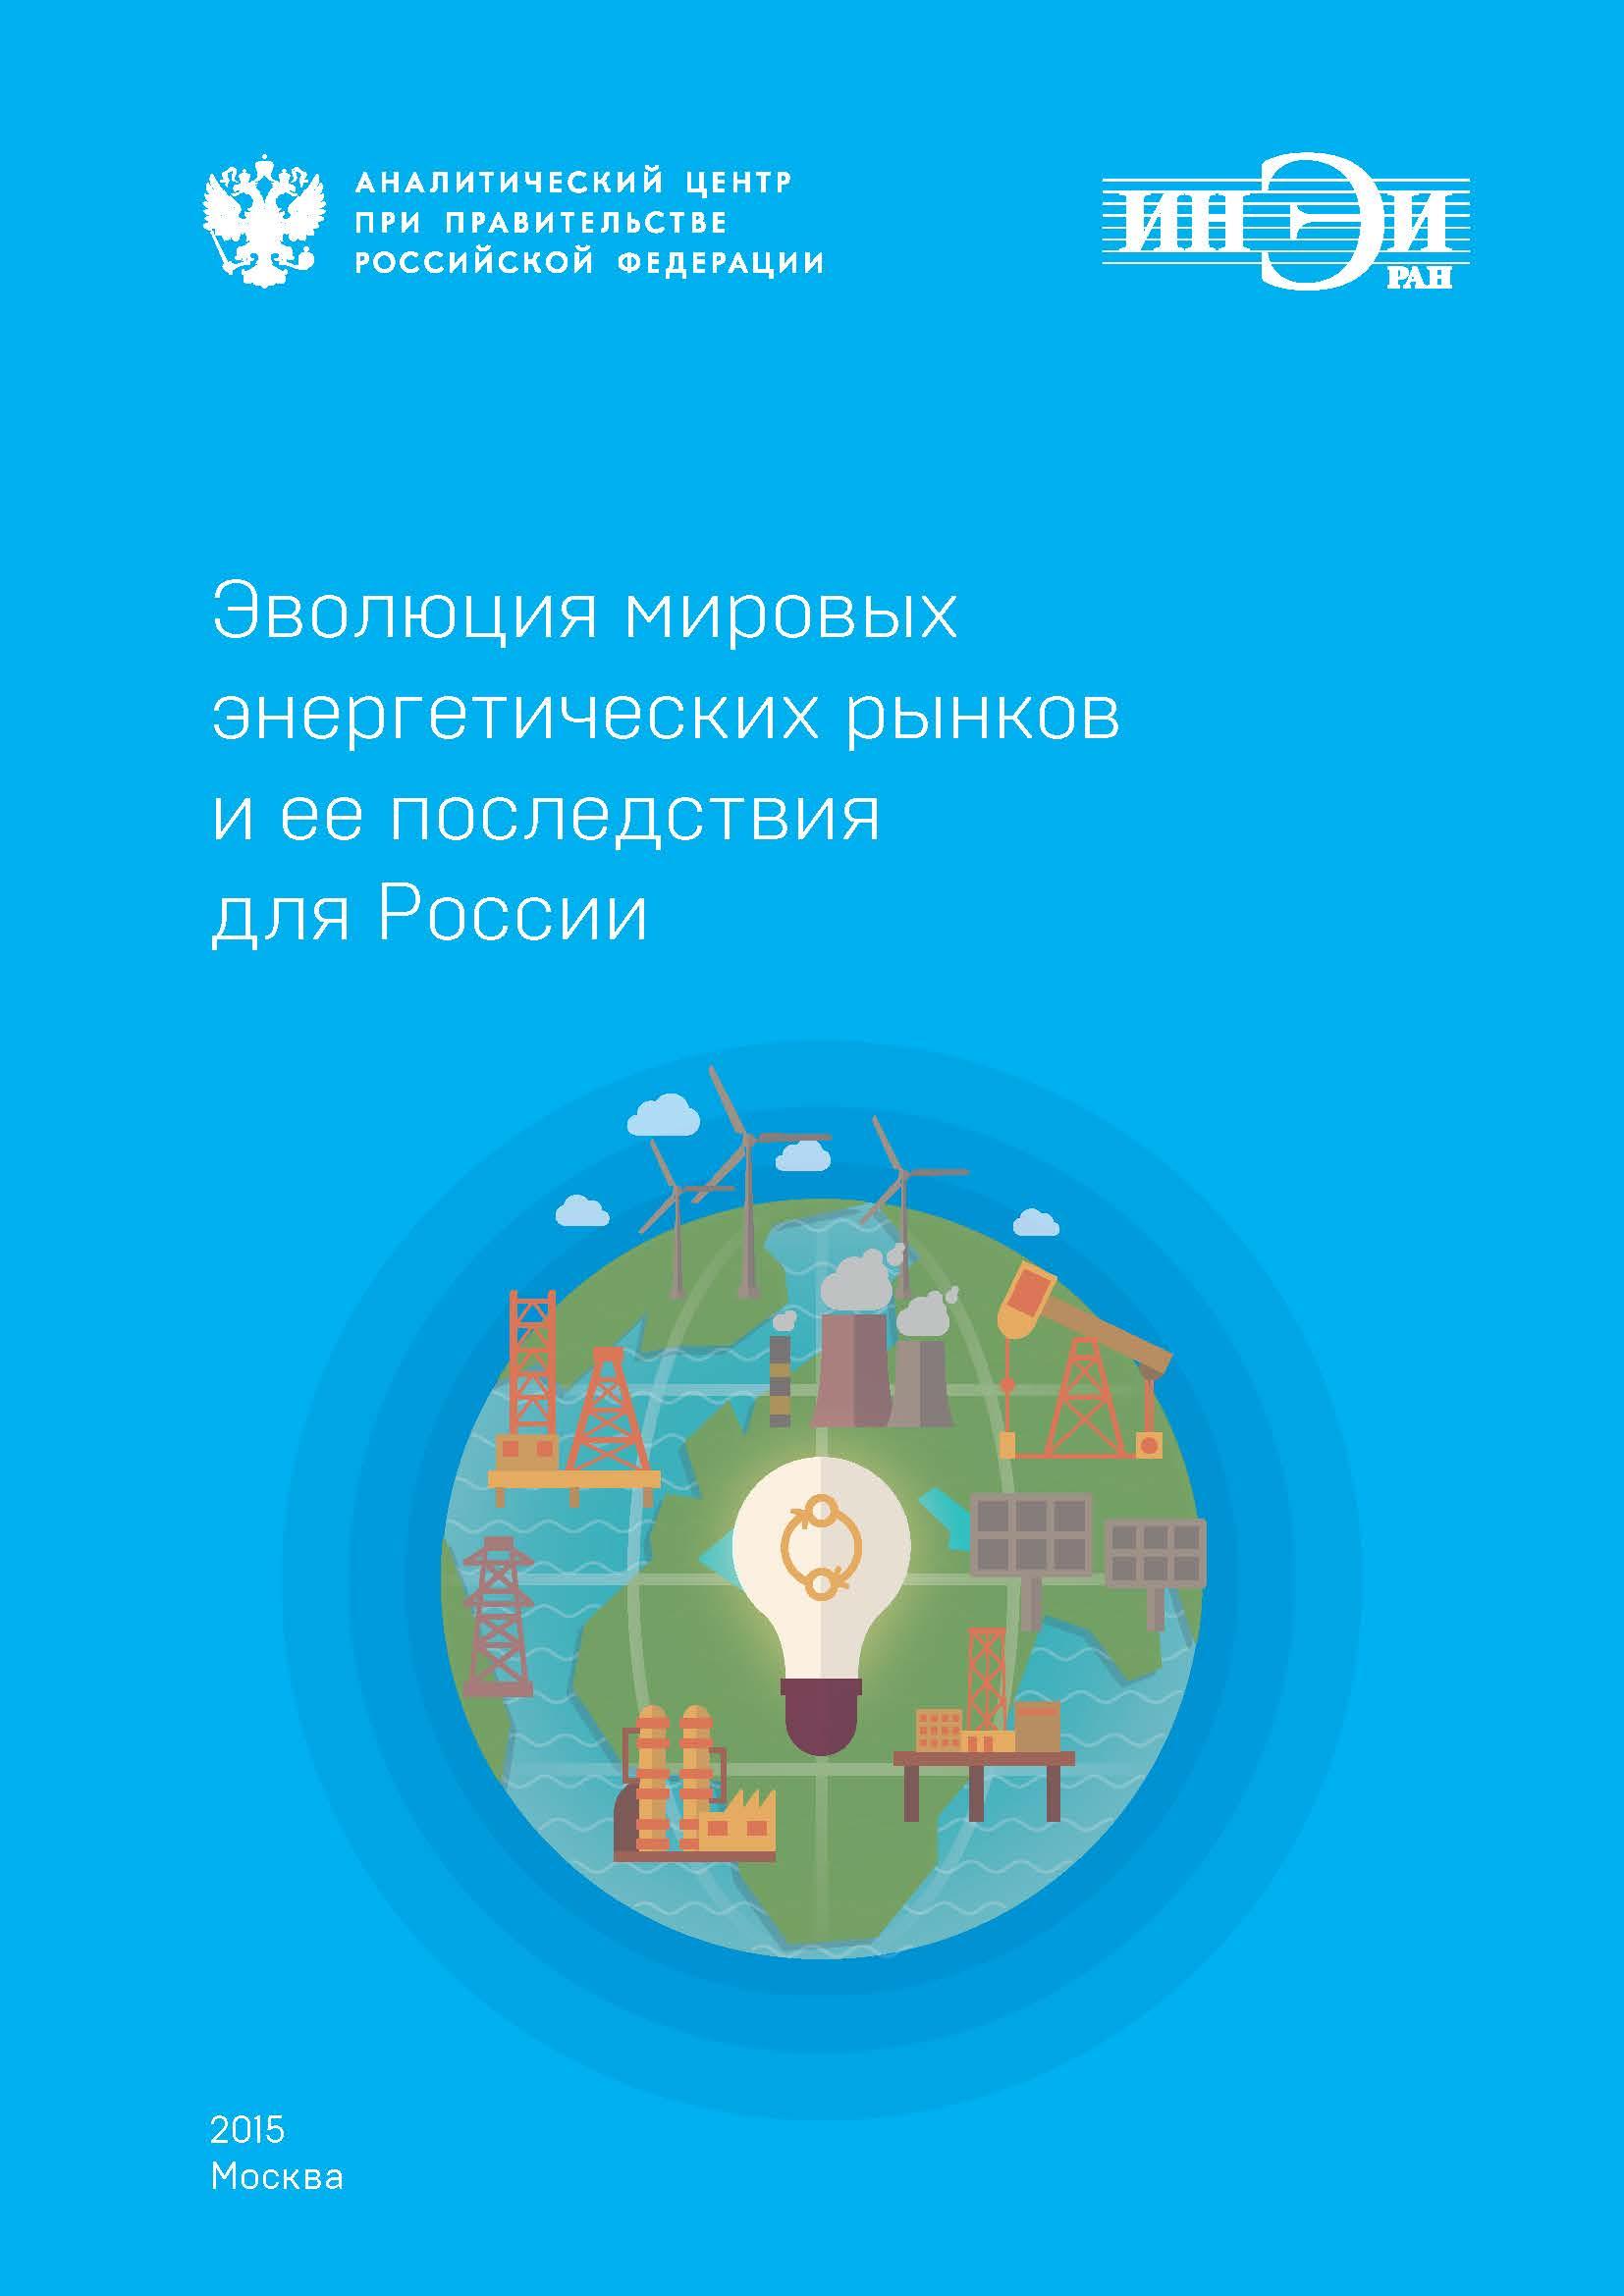 Эволюция мировых энергетических рынков и ее последствия для России